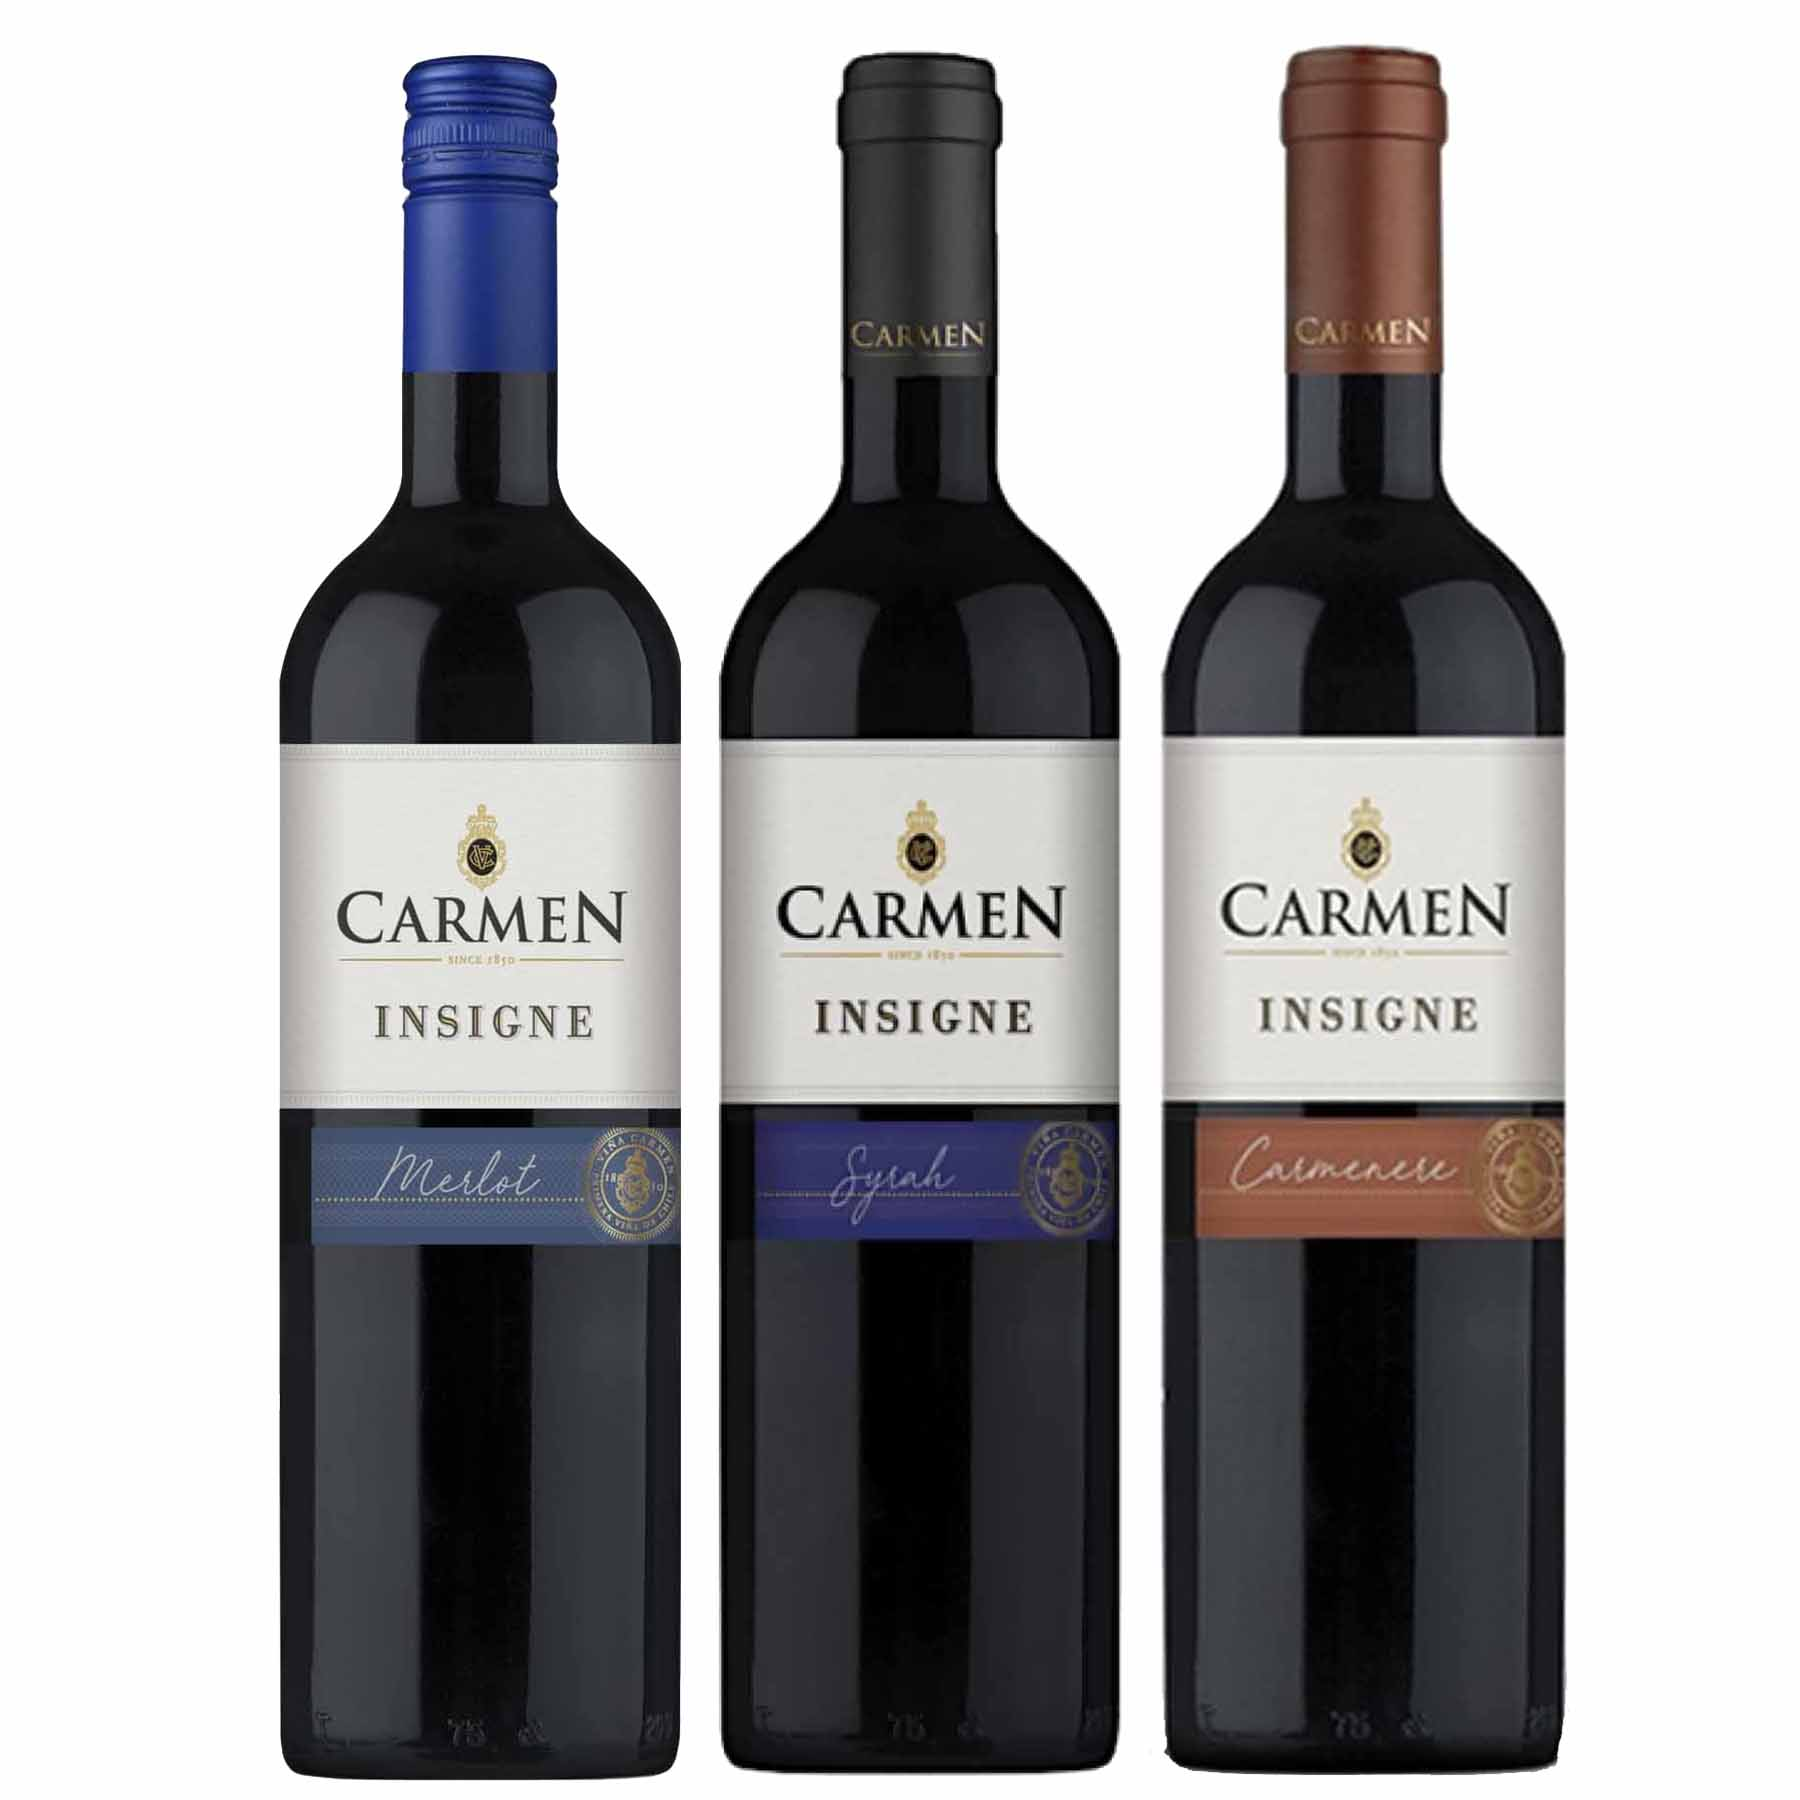 Kit 3 Vinhos Chilenos Carmen Insigne Syrah, Merlot e Carmenere